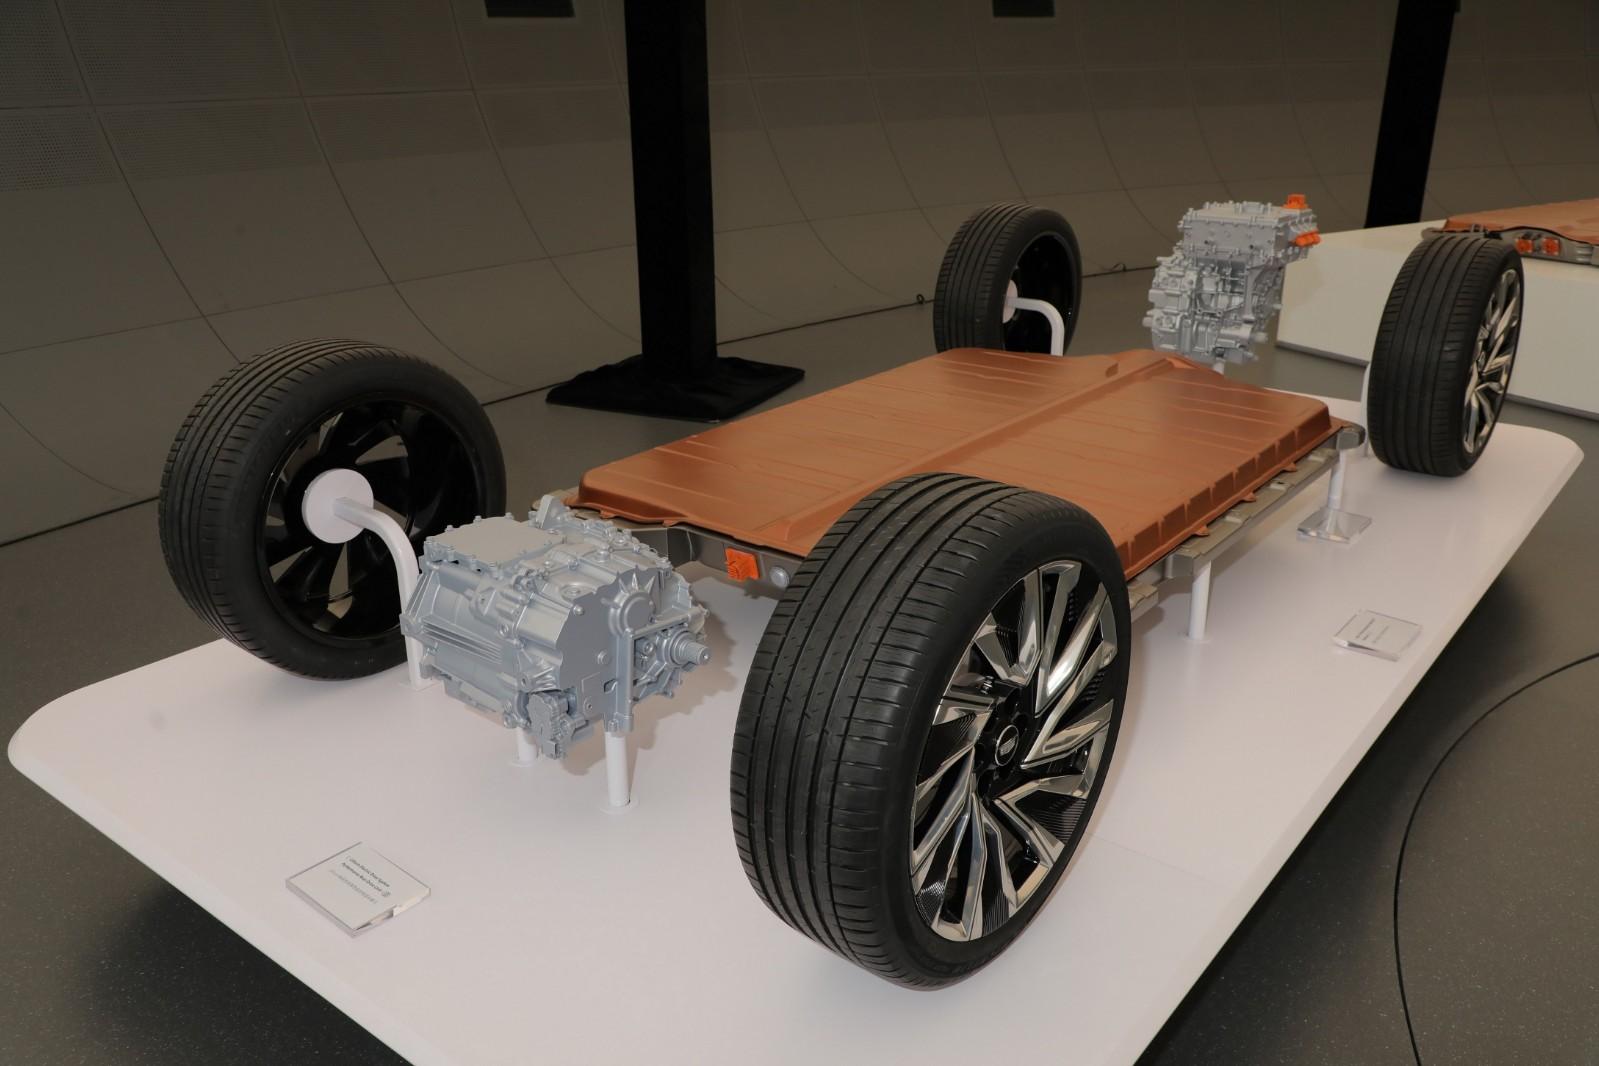 通用汽车科技展望日展示第三代全球电动车平台与Ultium电池系统